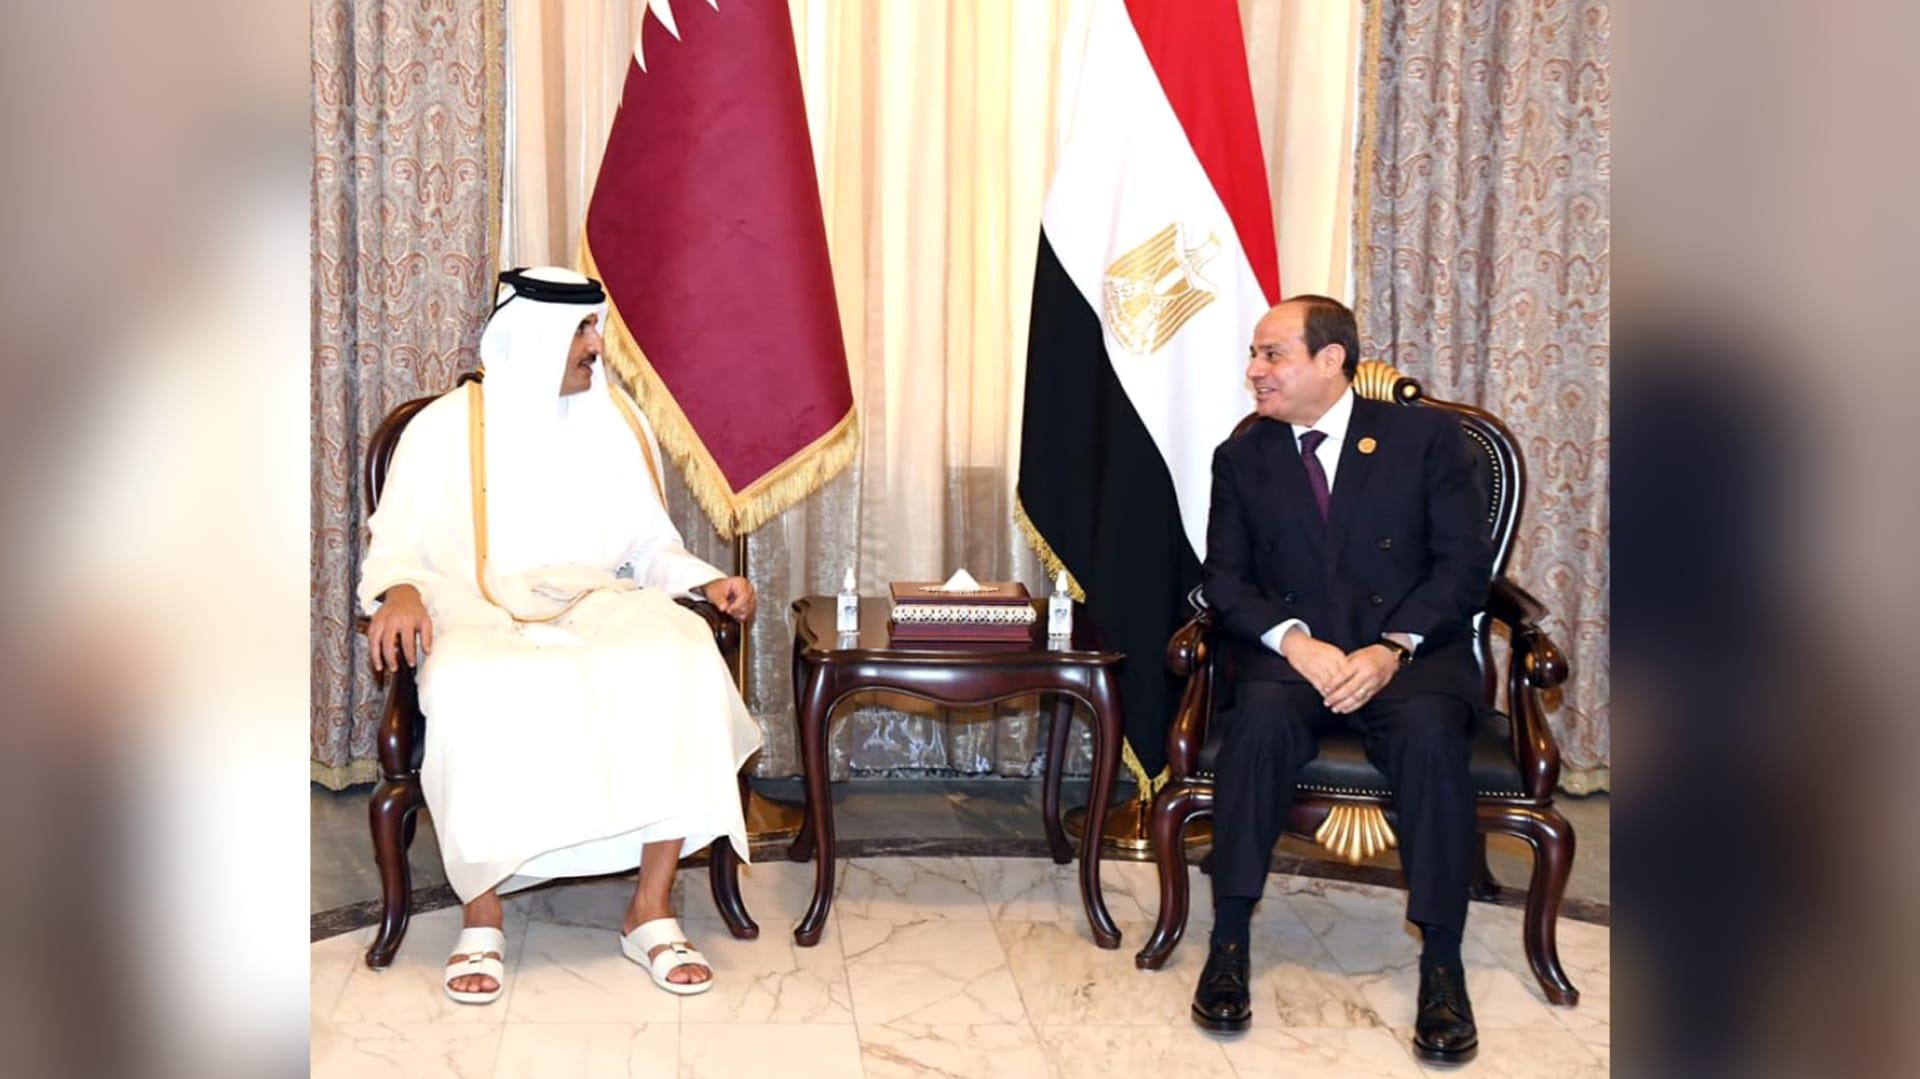 الرئيس المصري يلتقي أمير قطر على هامش مؤتمر بغداد